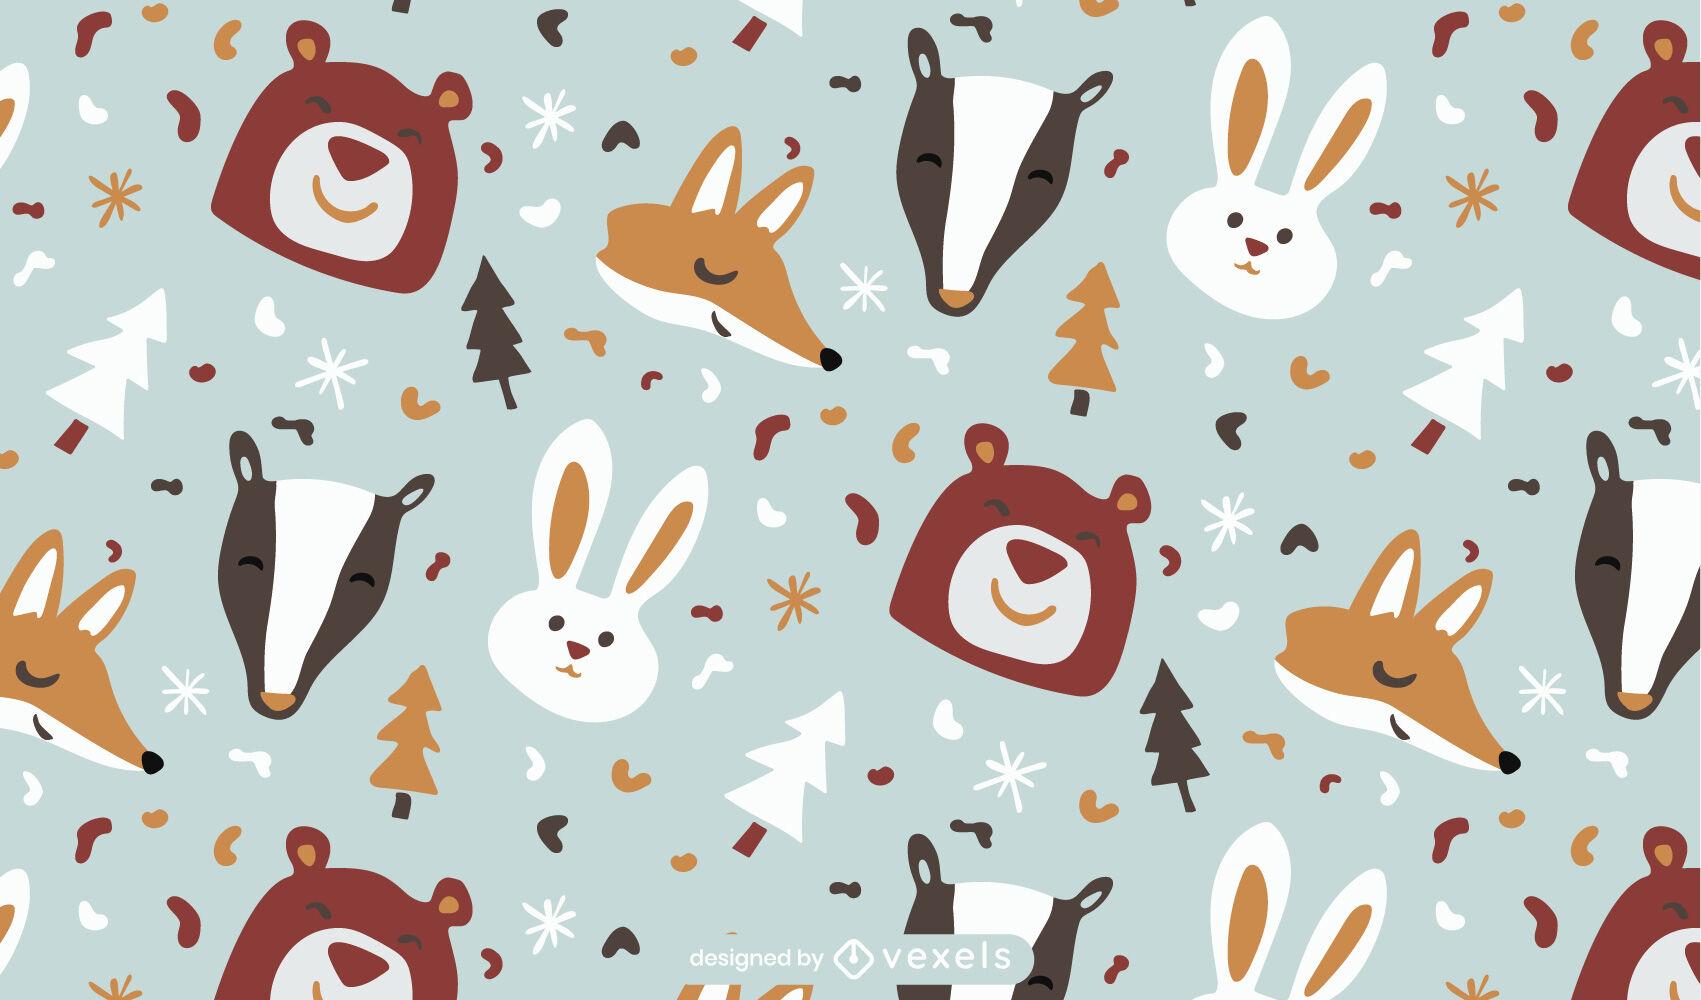 Animais em design de padrão plano de inverno